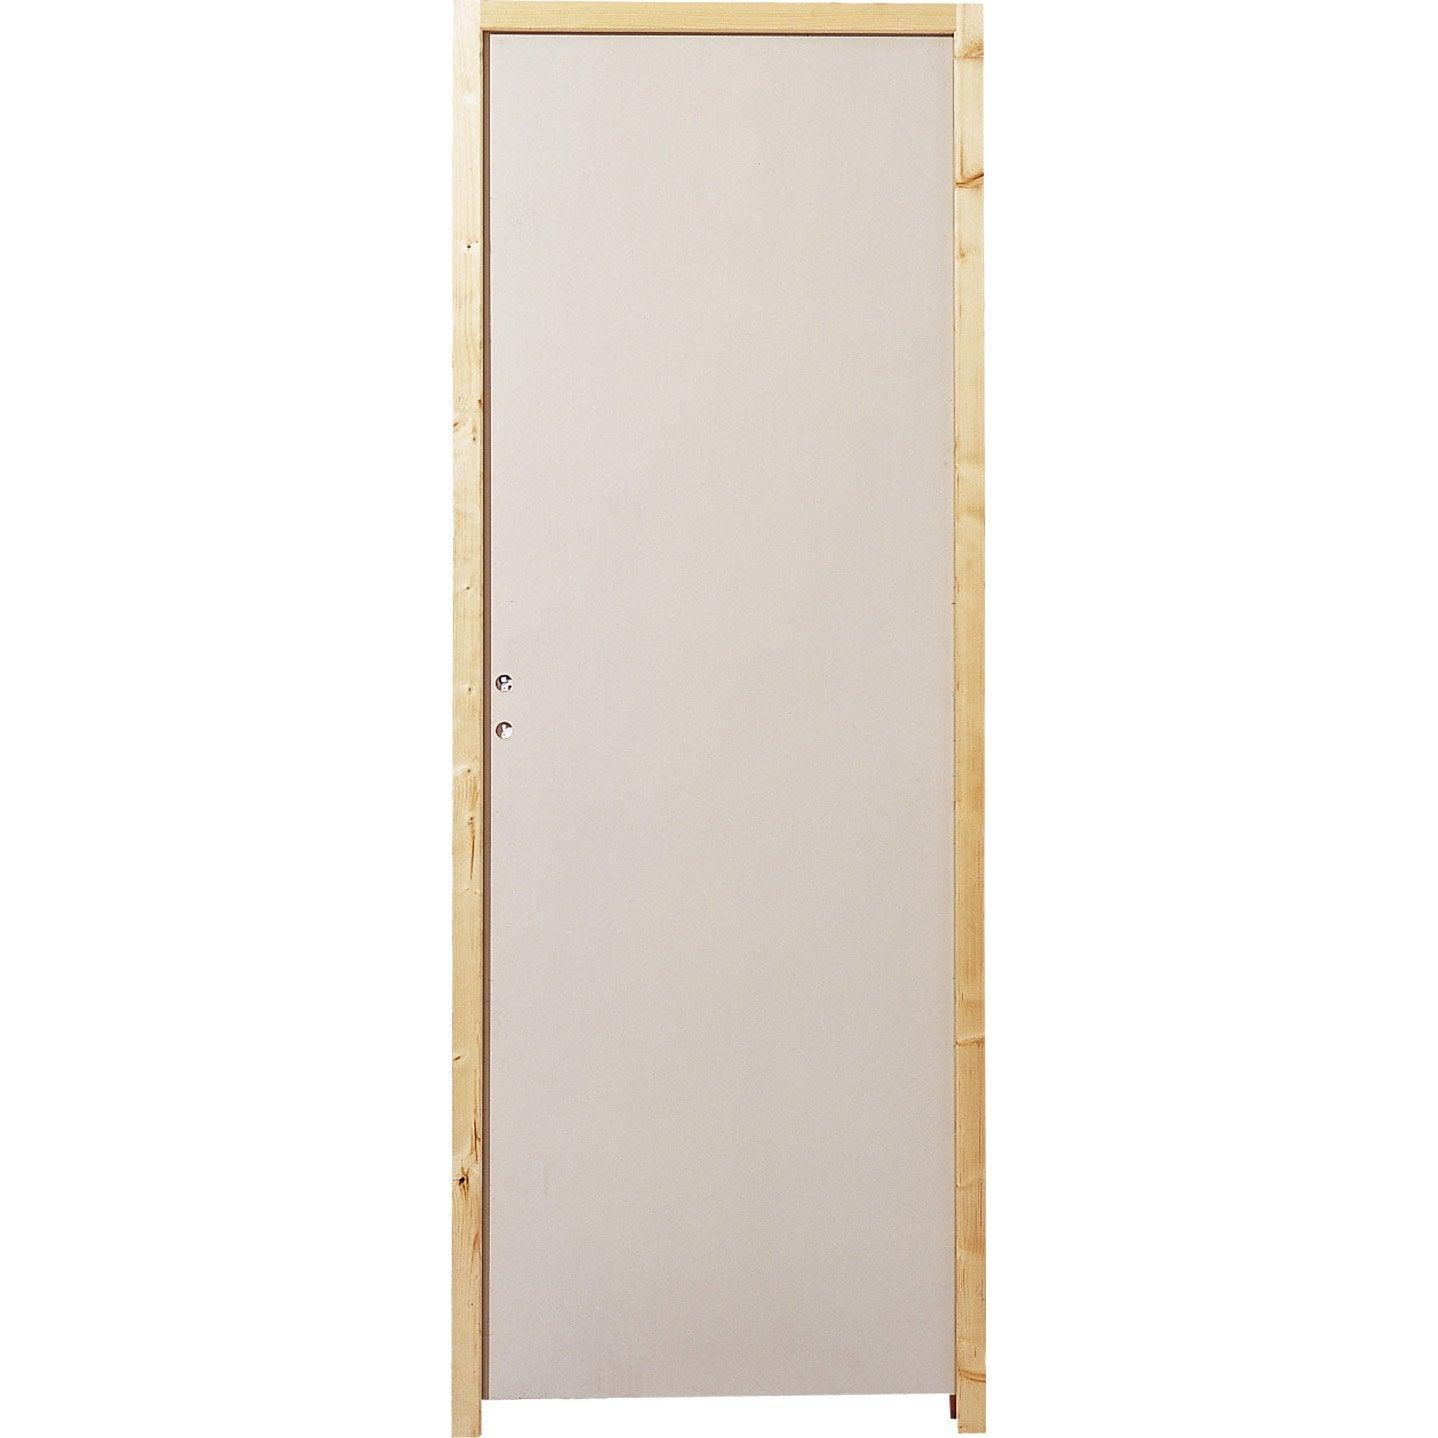 Bloc porte isoplane isoplane x cm poussant for Porte en bois pas cher